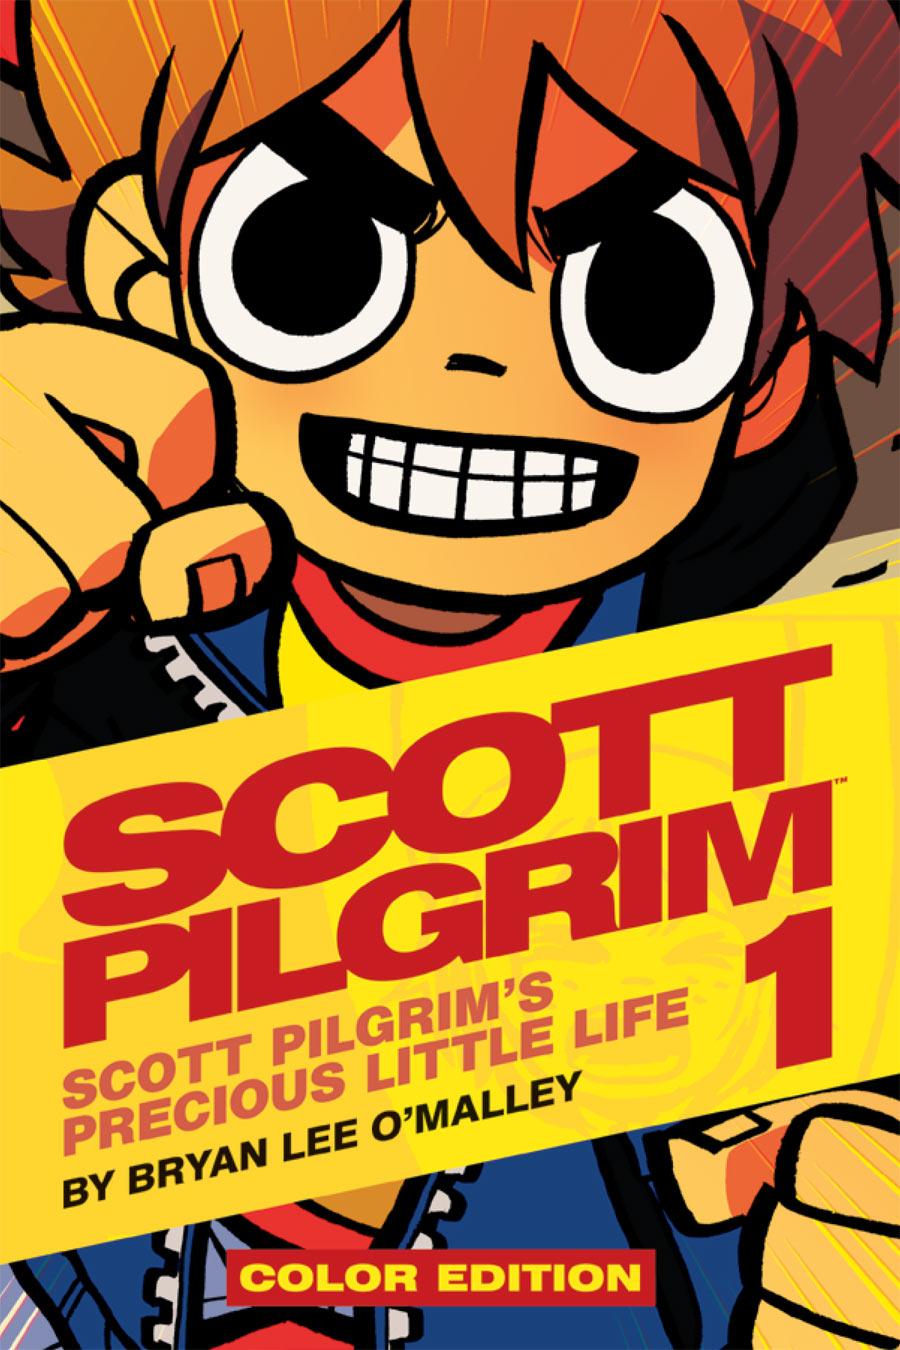 Scott Pilgrim Color Hardcover Vol. 1: Precious Little Life.